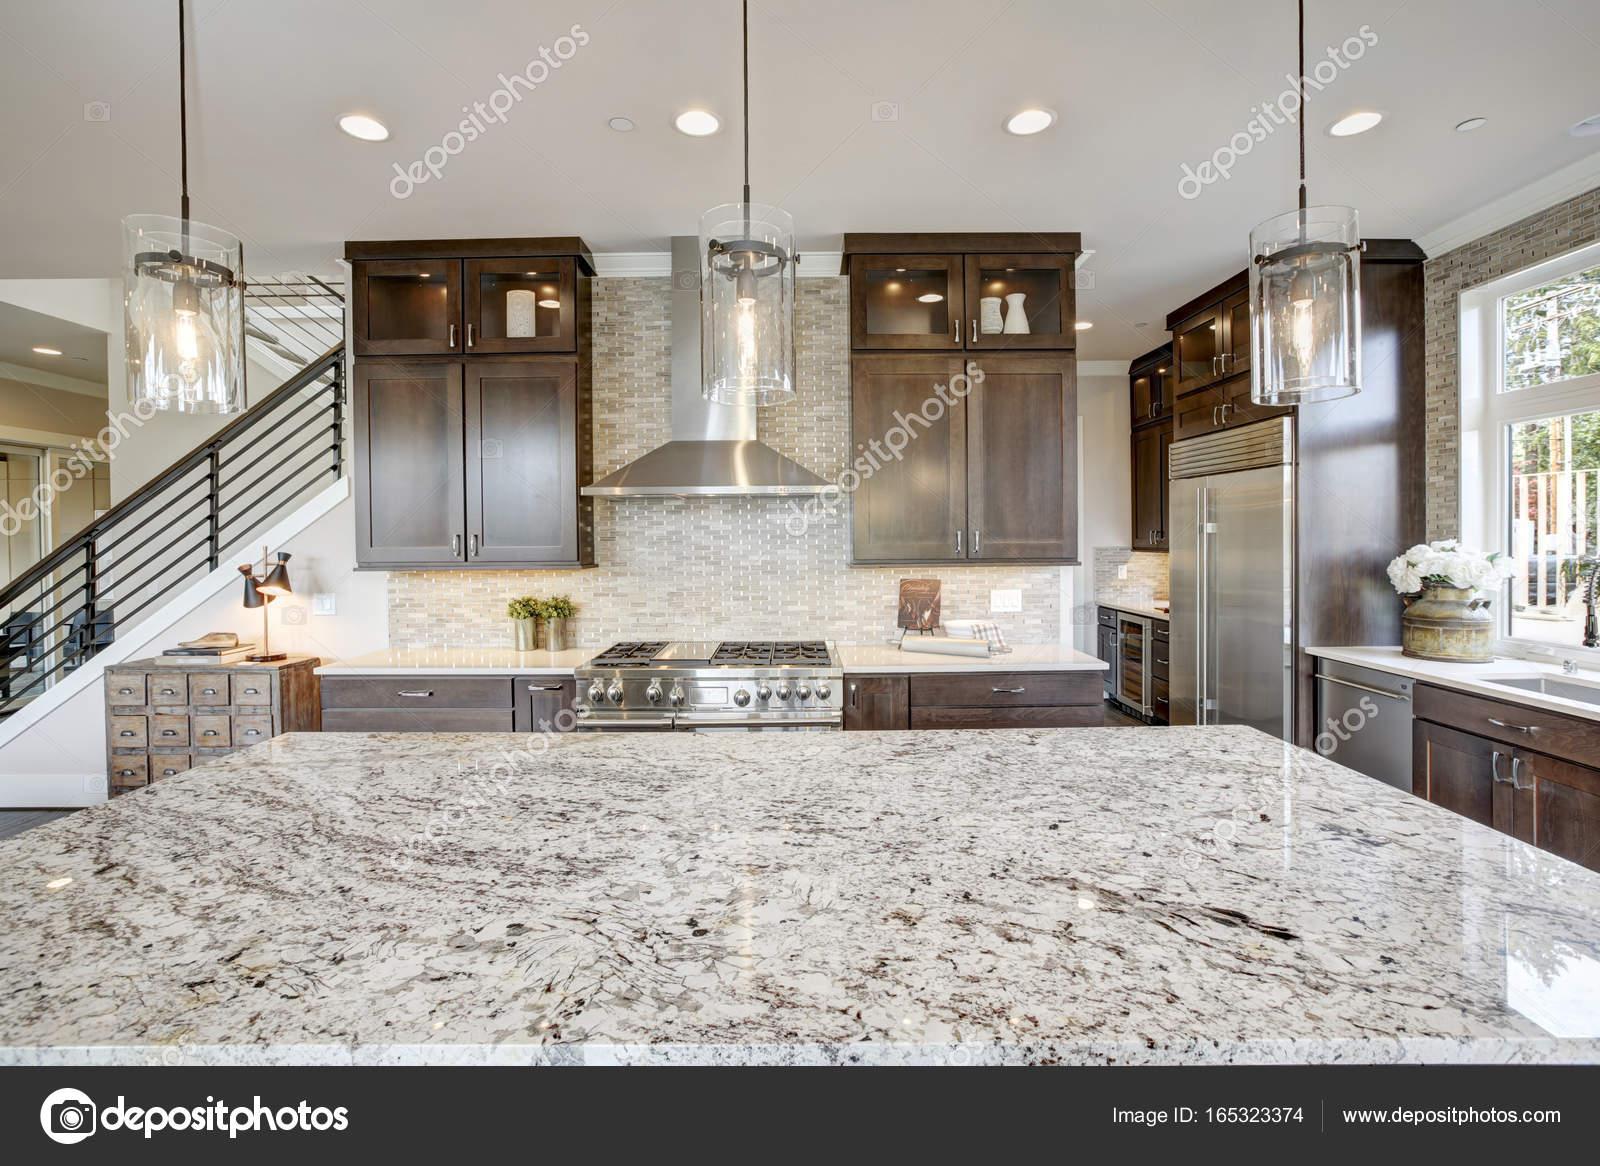 Cocina de lujo en una casa de nueva construcción — Fotos de Stock ...